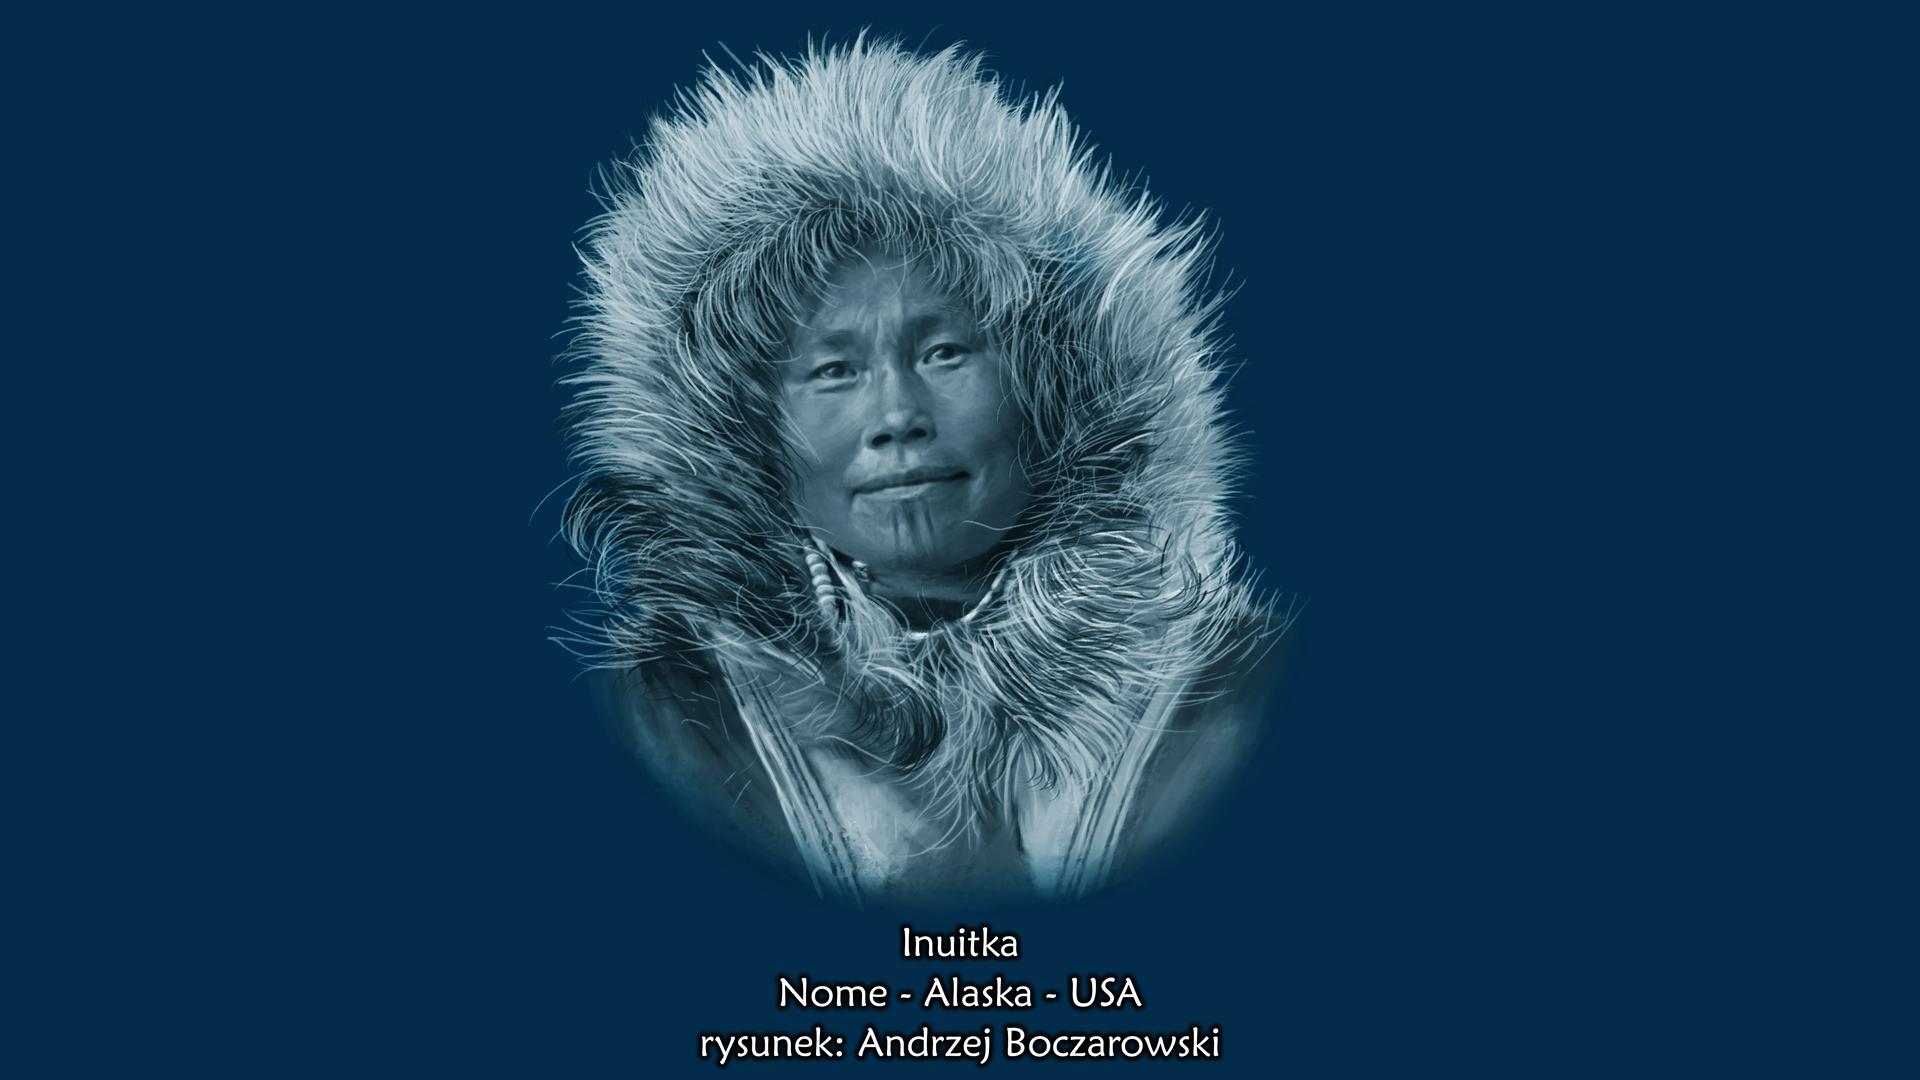 Ilustracja prezentuje portret Inuitki. Jest to, kobieta ookrągłej płaskiej twarzy, małych szparach ocznych imałym nosie. Kobieta ubrana jest wkurtkę zfutrzanym kapturem.